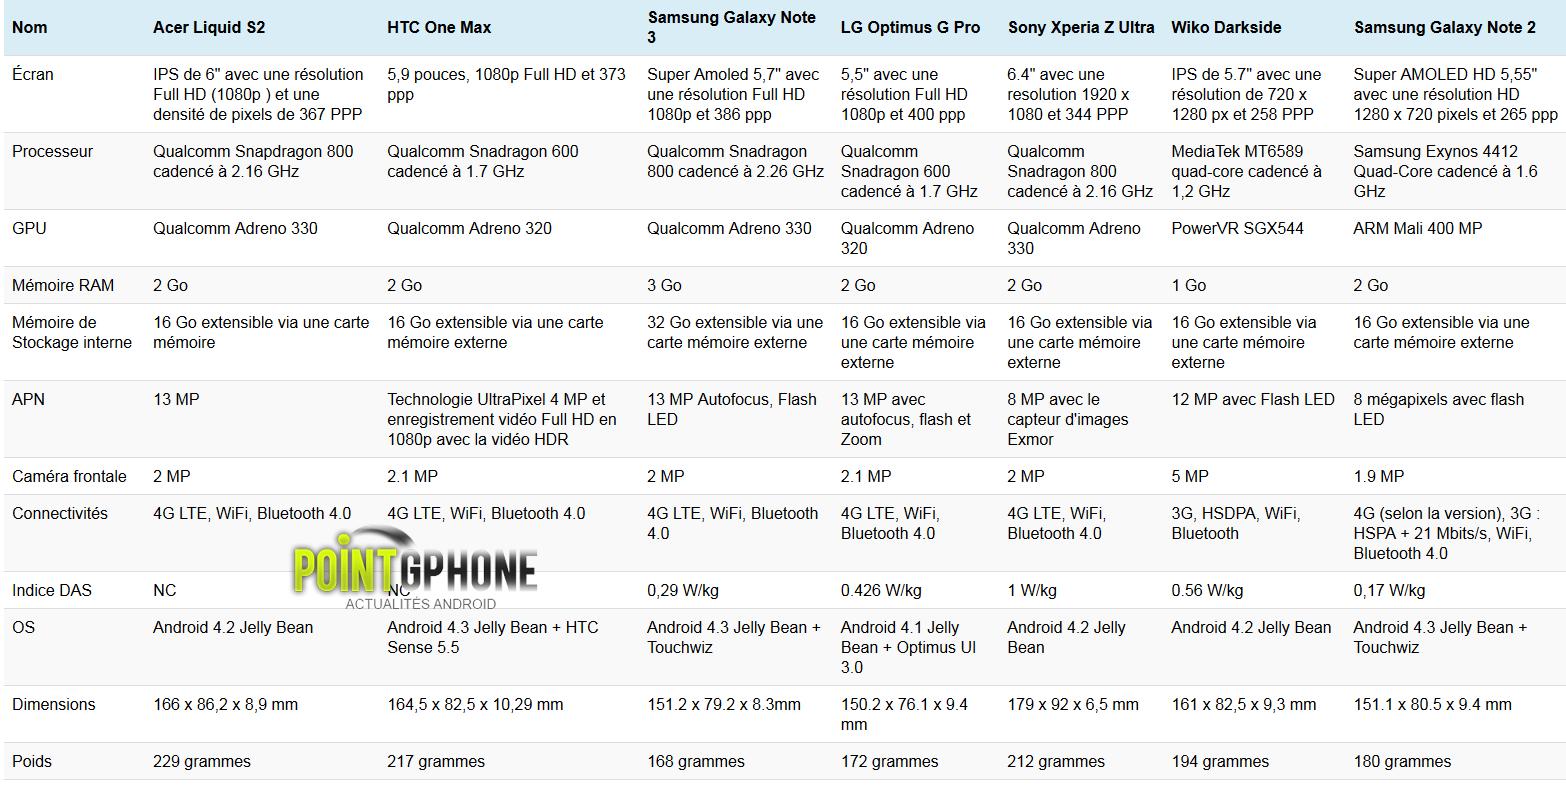 comparaison phablettes 2012 2013